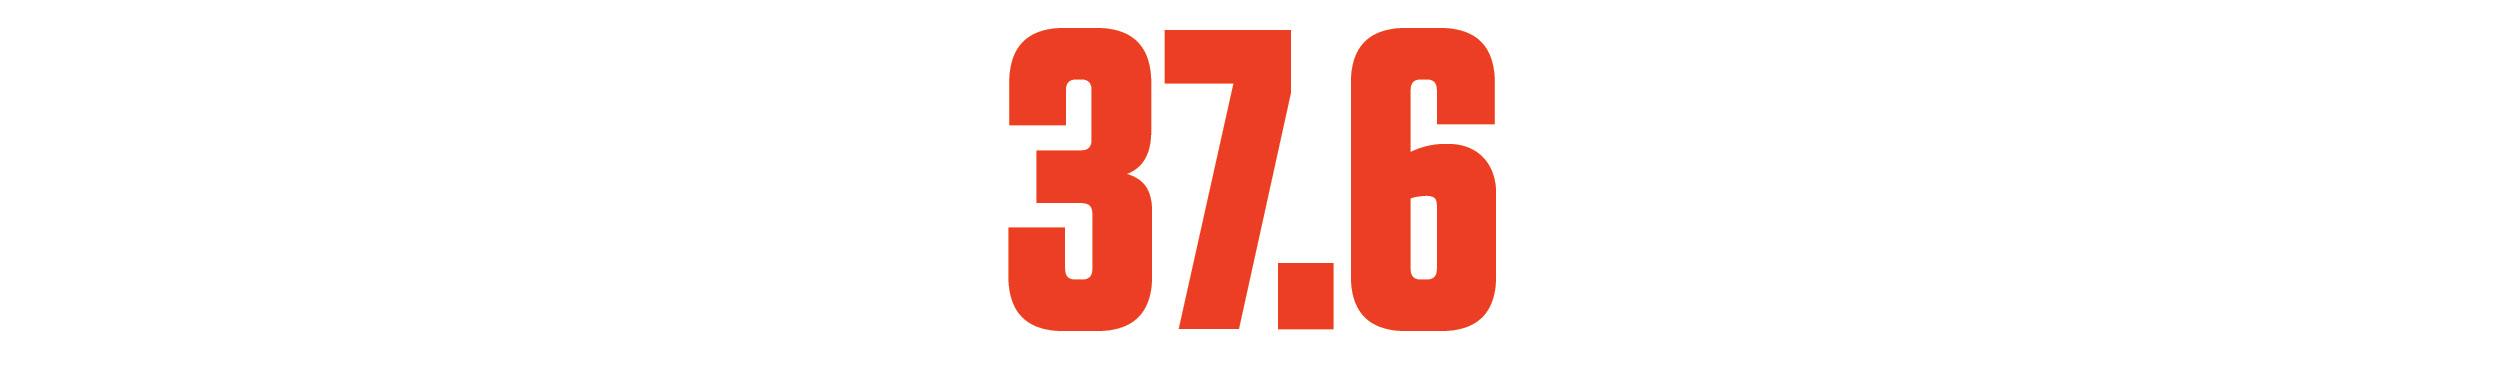 [Image: numbers7.jpg]